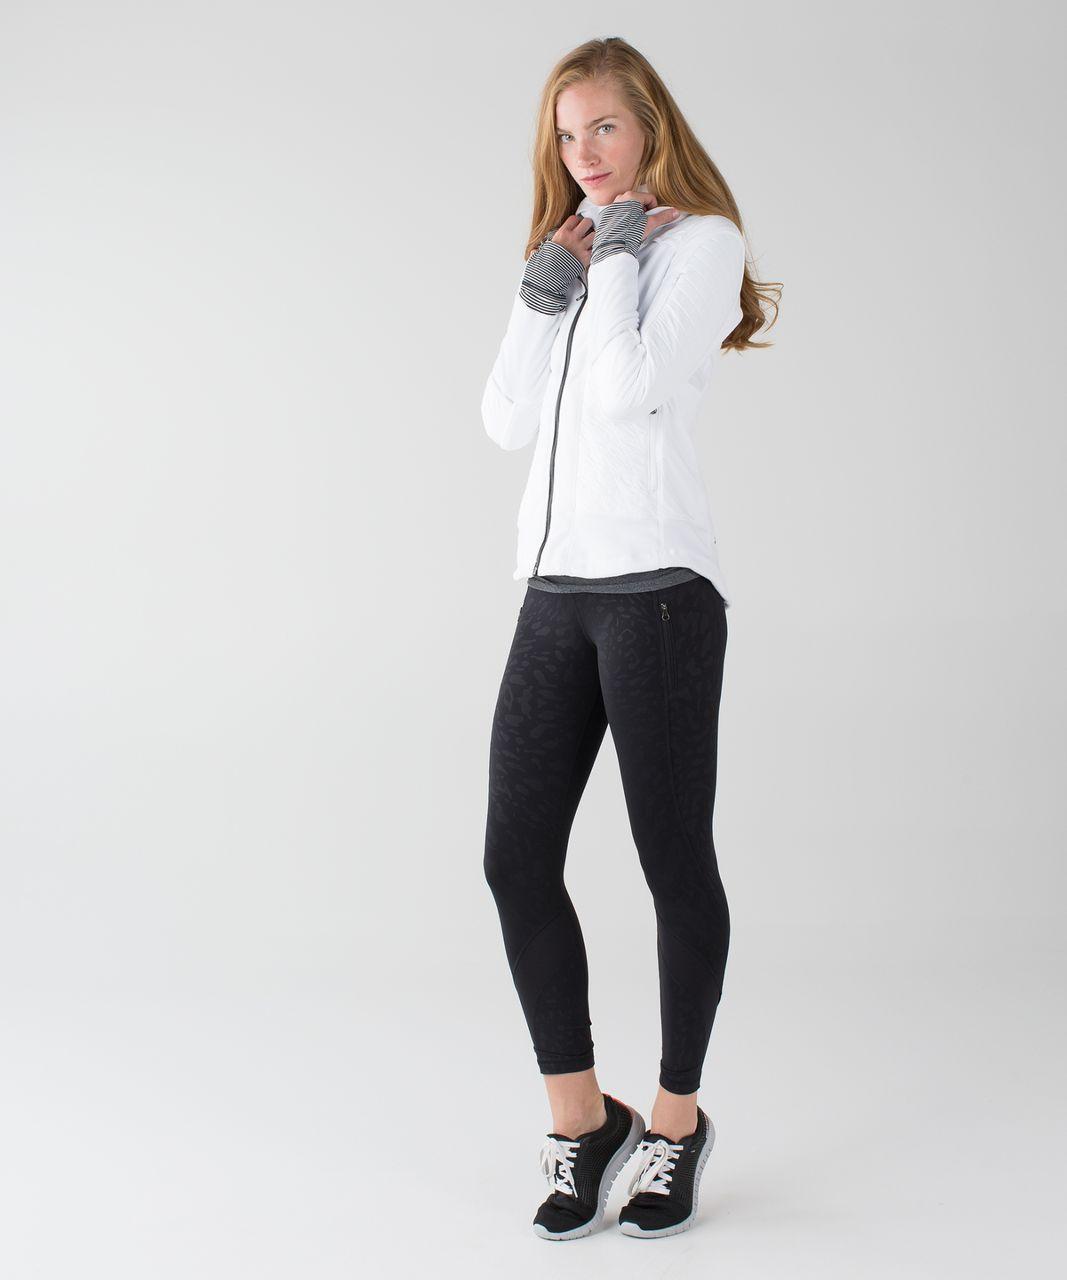 Lululemon Fleecy Keen Jacket III - White